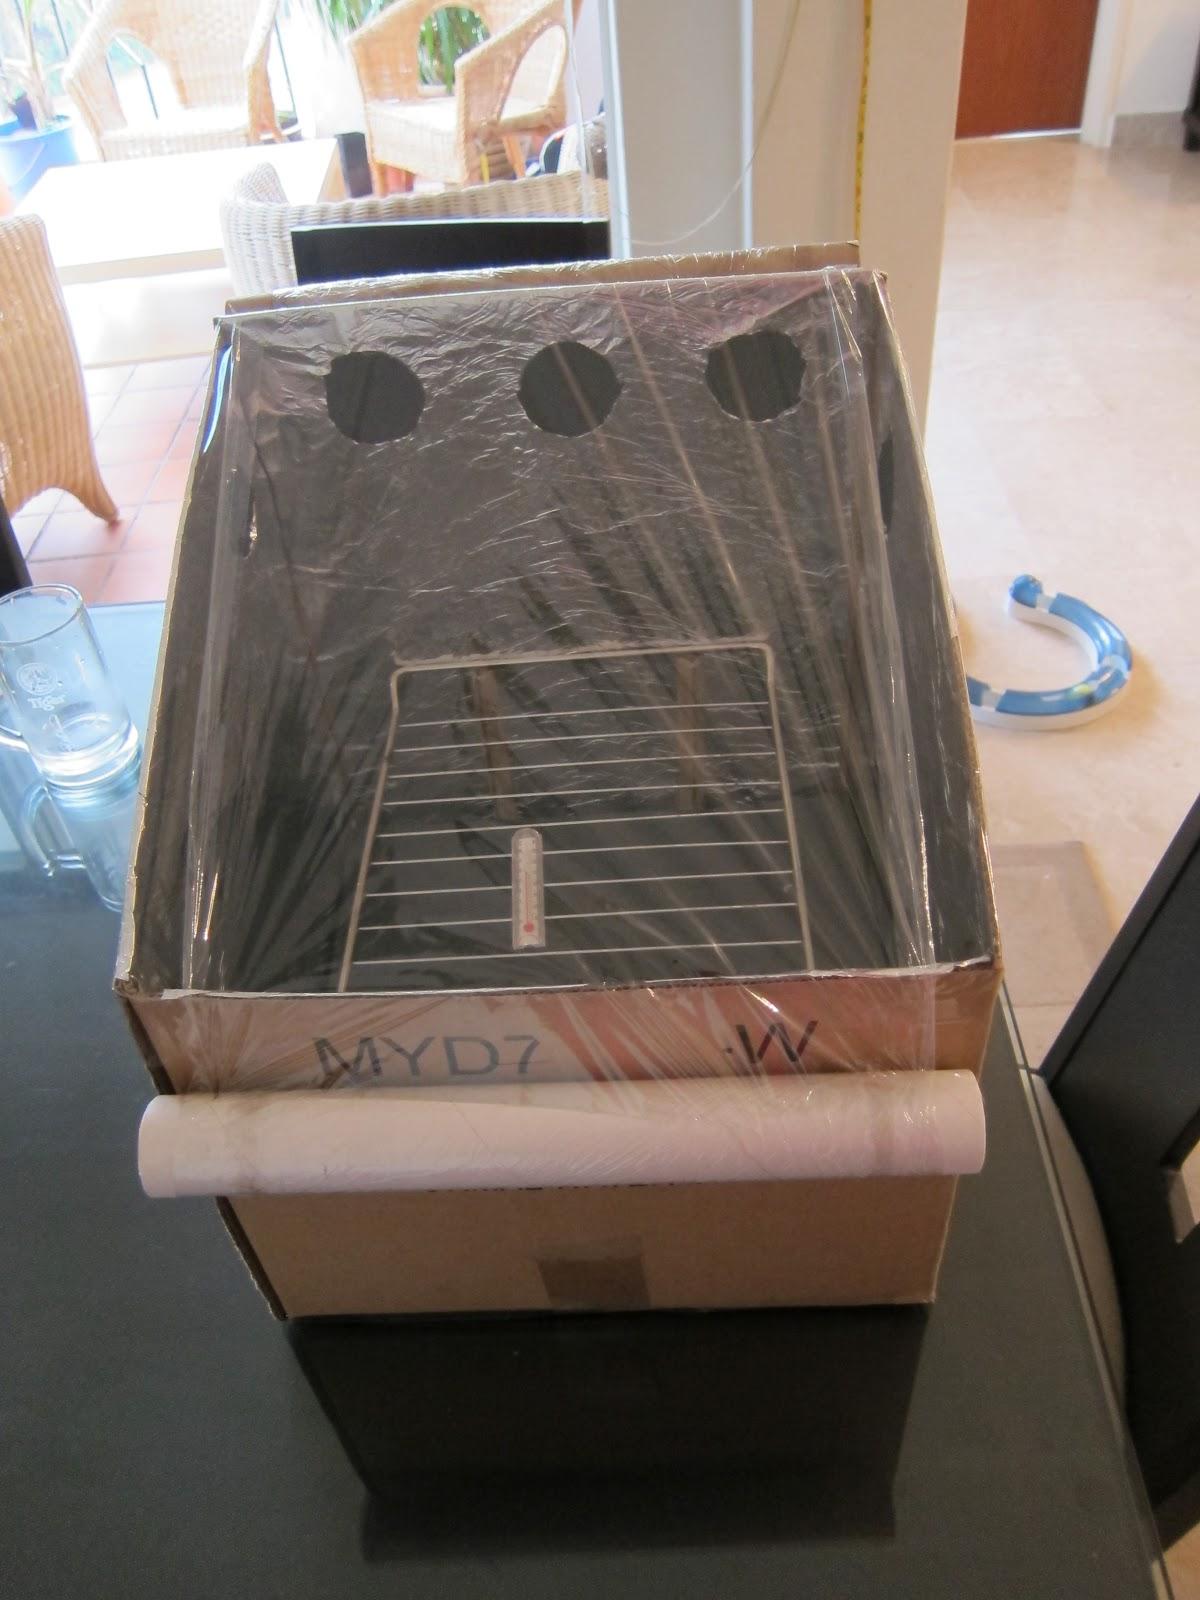 Viveresenzaplastica essiccatore ad energia solare for Piani casa semplice da costruire